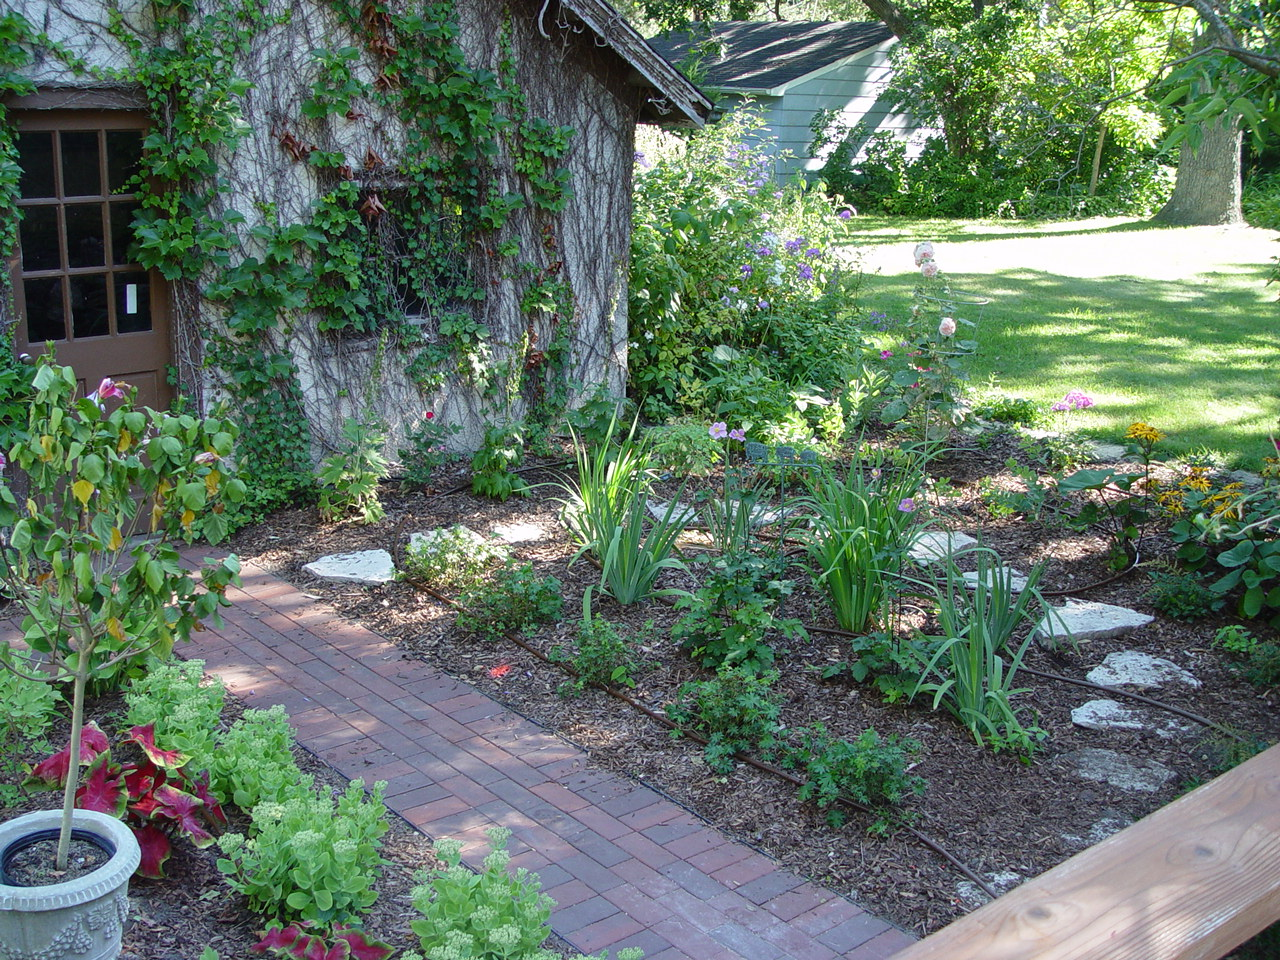 Landscape 101 beds and borders landscape design for Garden design 101